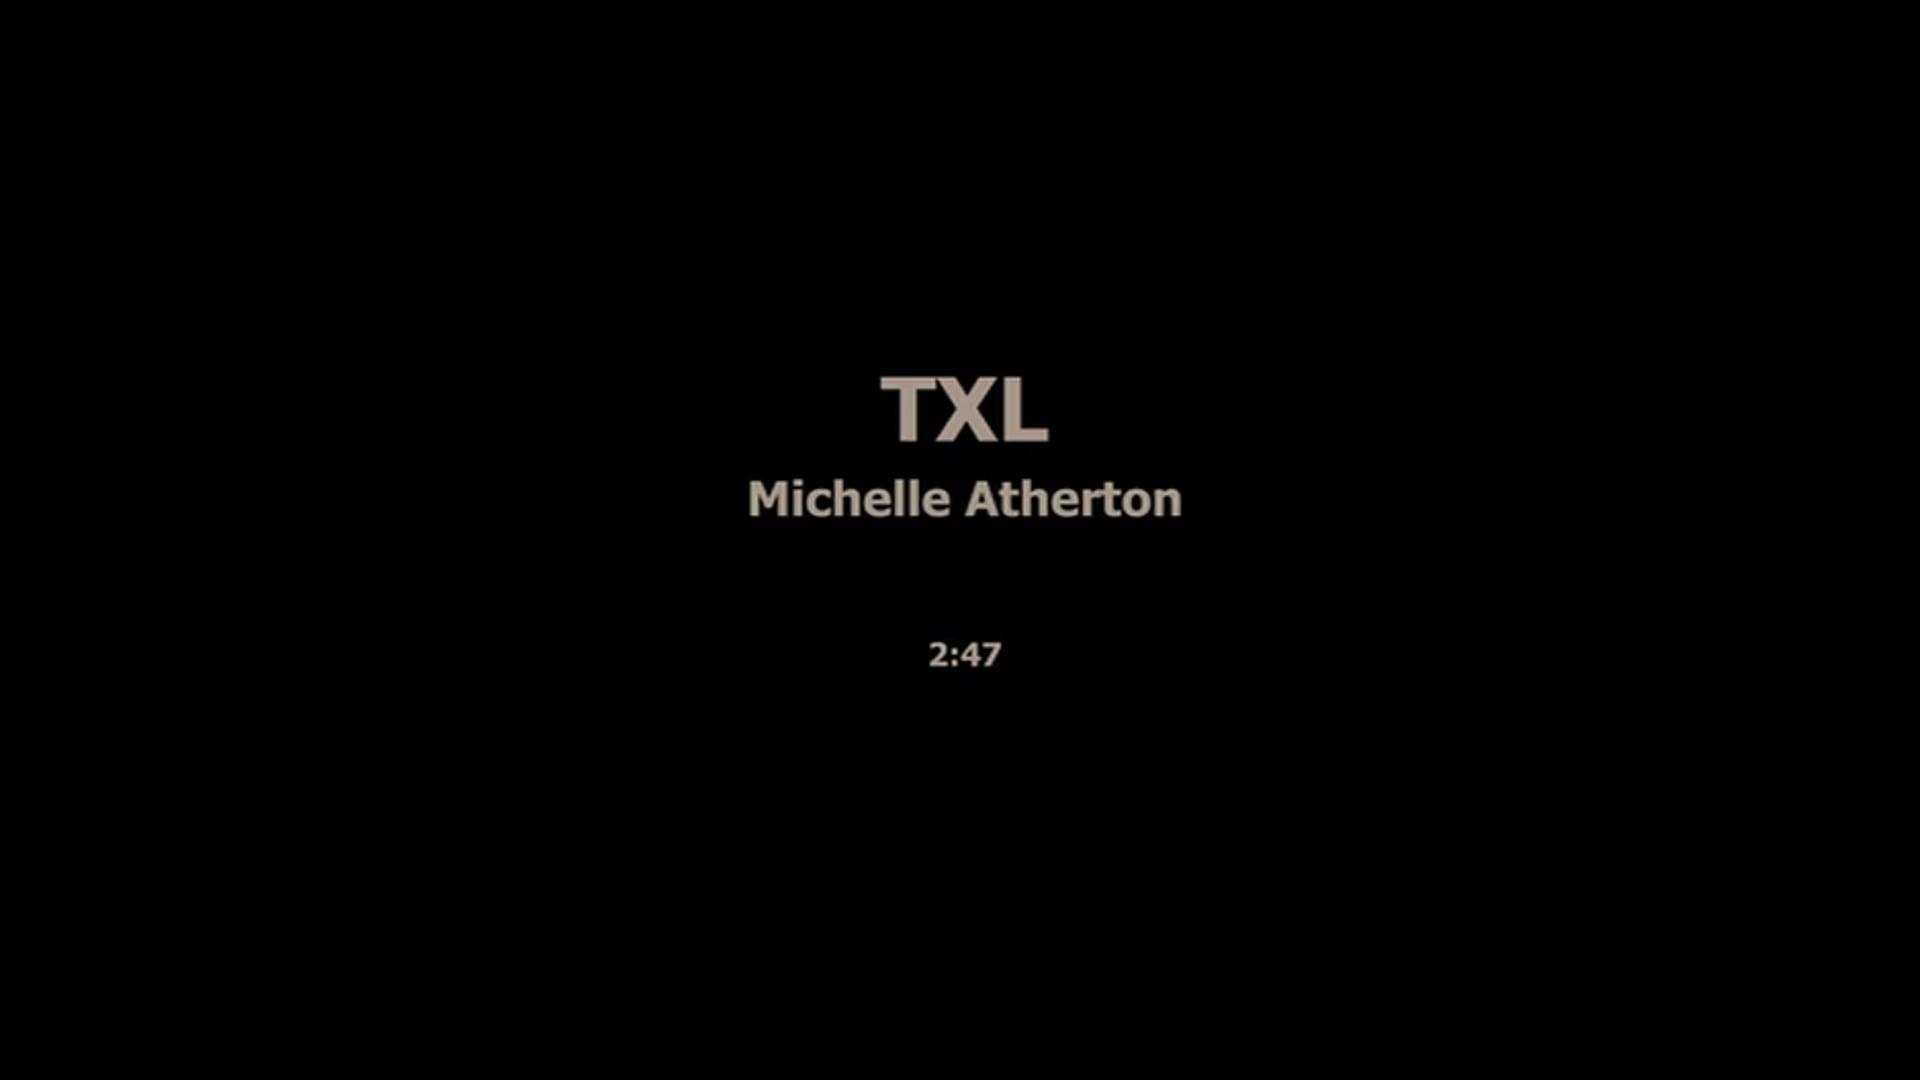 TXL - MICHELLE ATHERTON